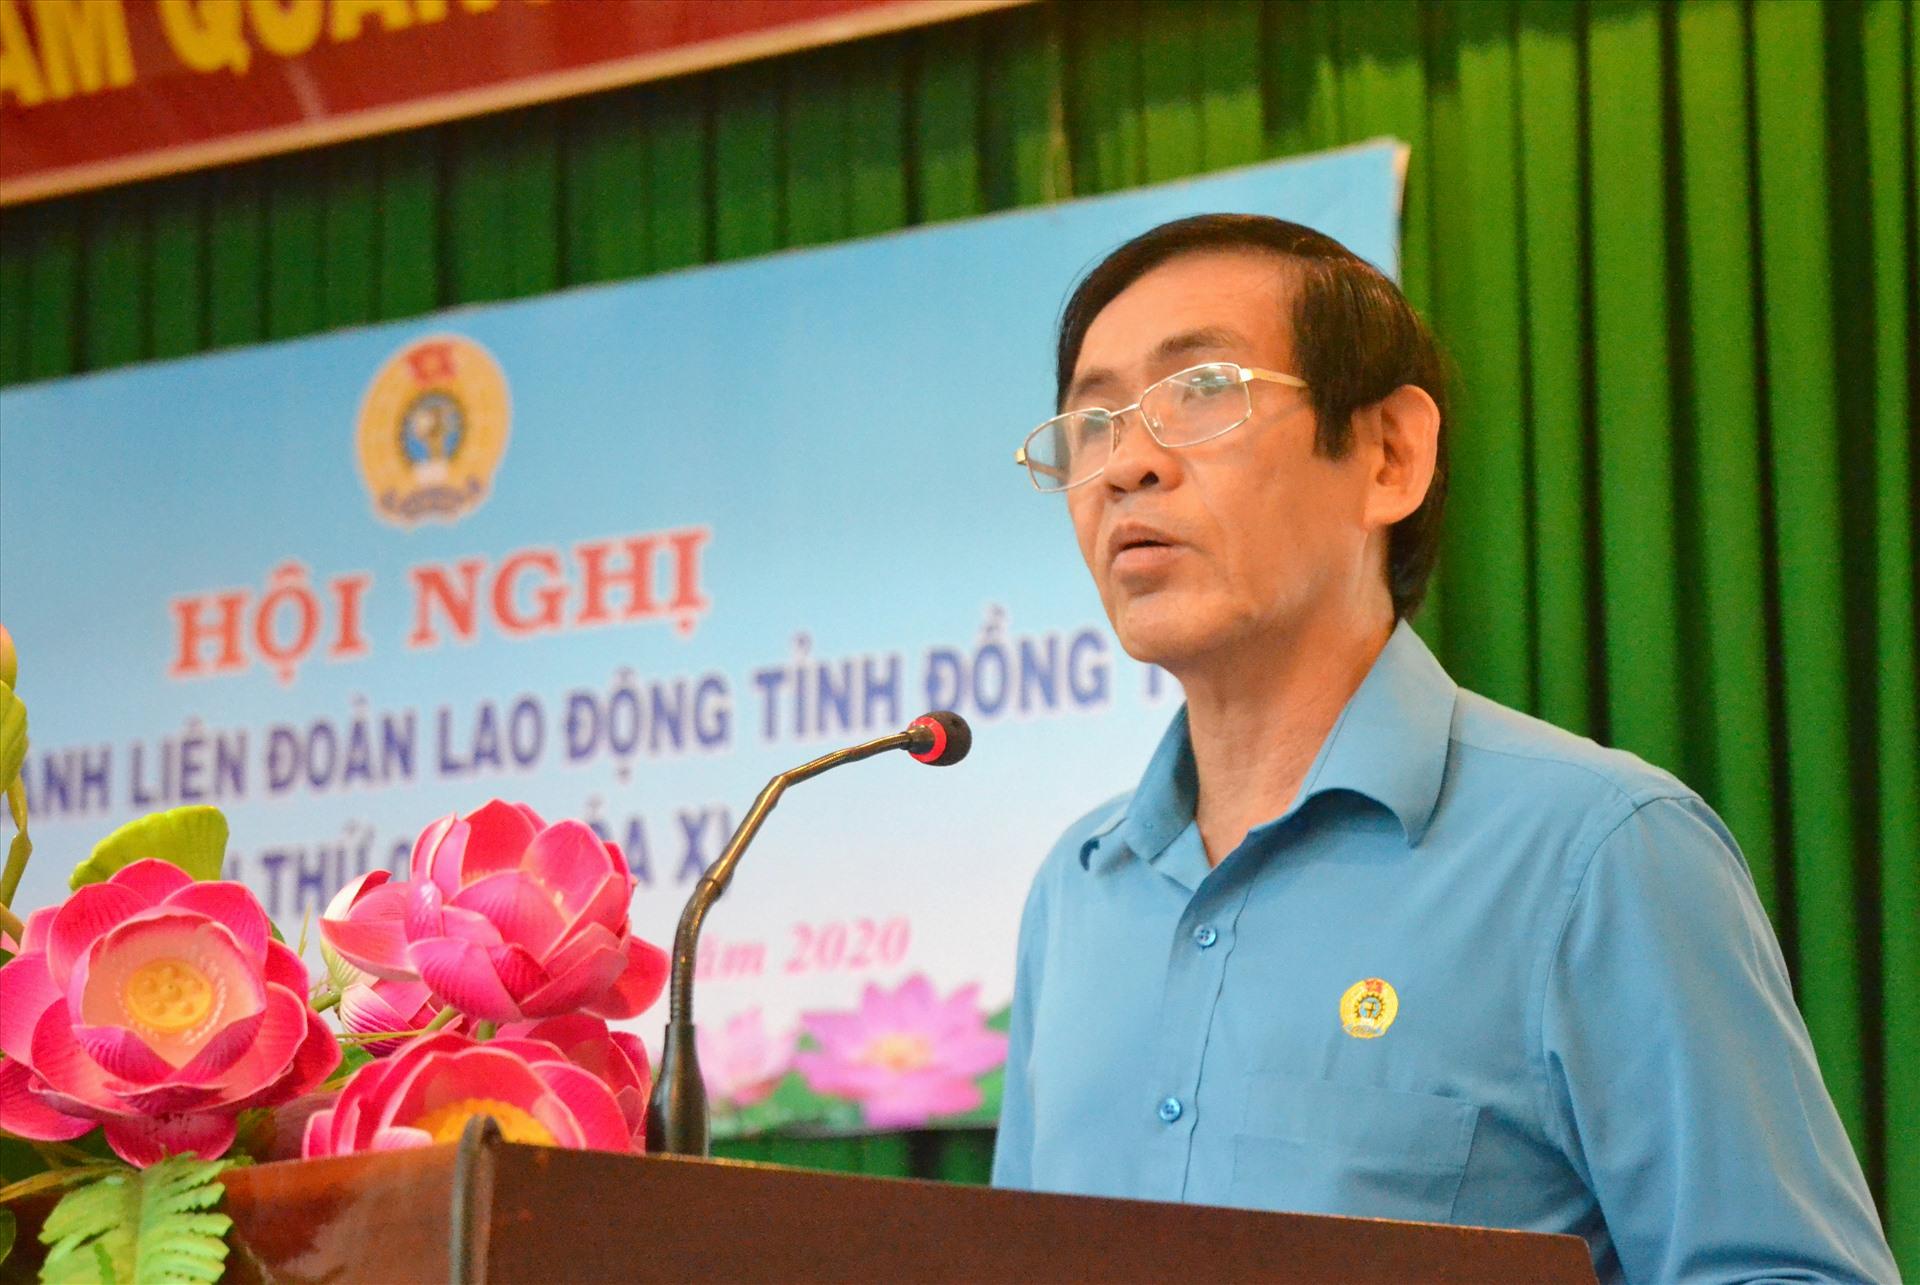 Chủ tịch LĐLĐ Đồng Tháp Trần Hoàng Vũ phát biểu tại hội nghị. Ảnh: LT